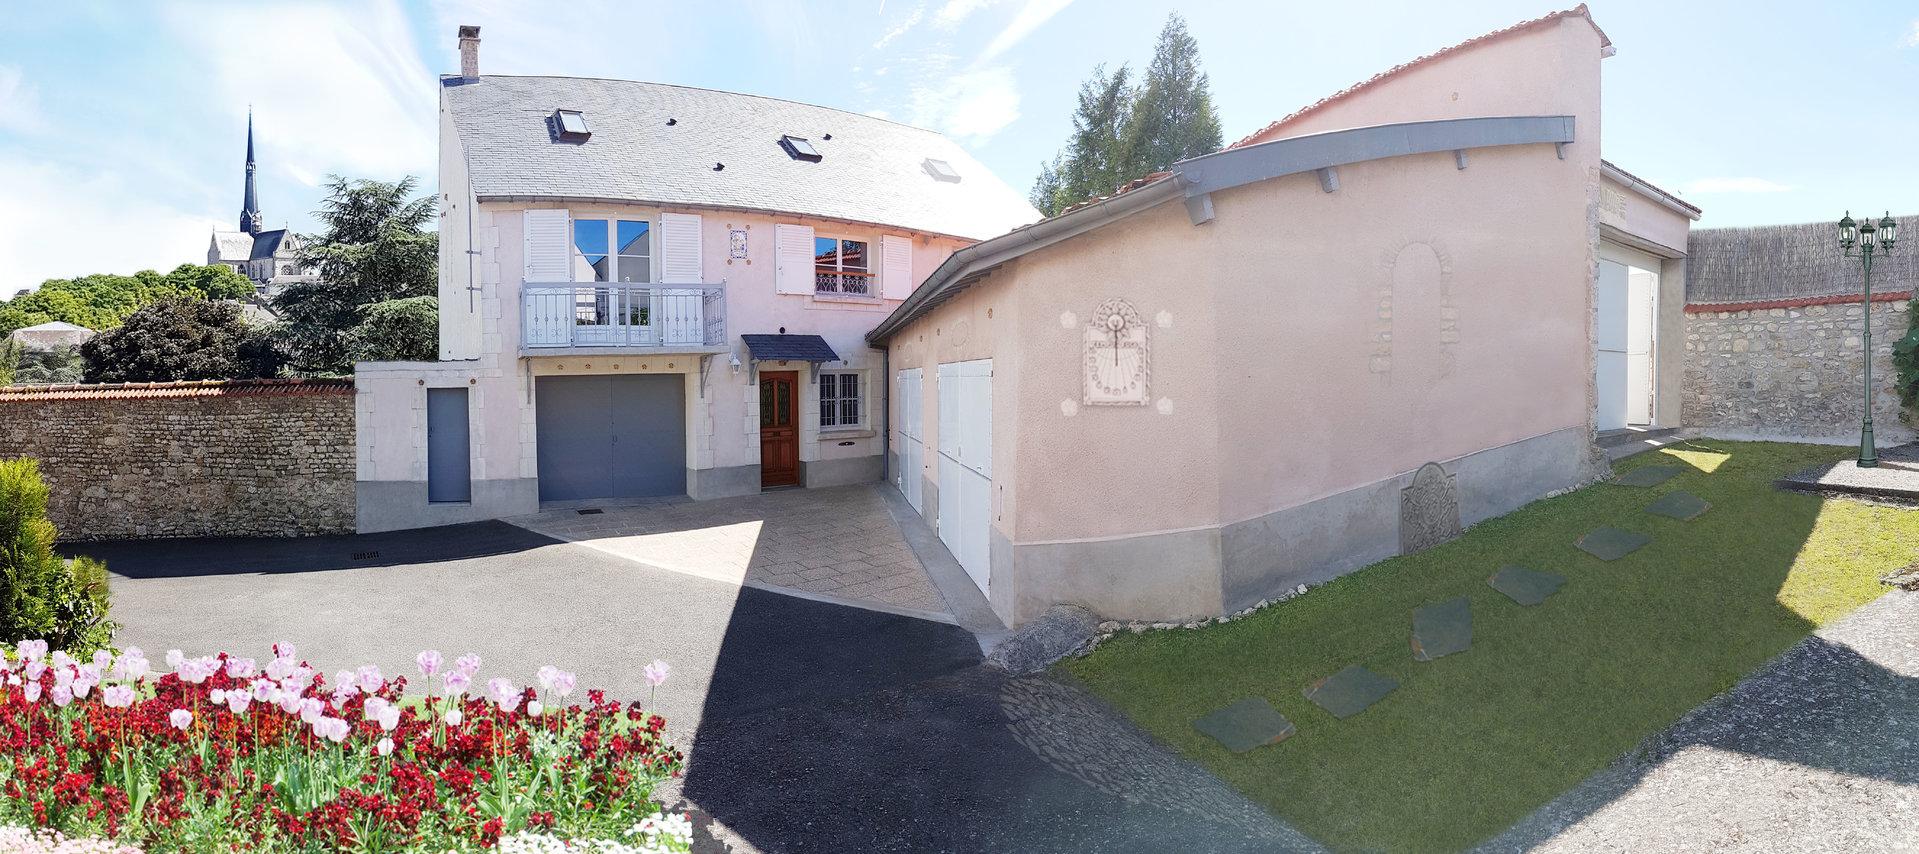 Vente Maison de ville - Pithiviers